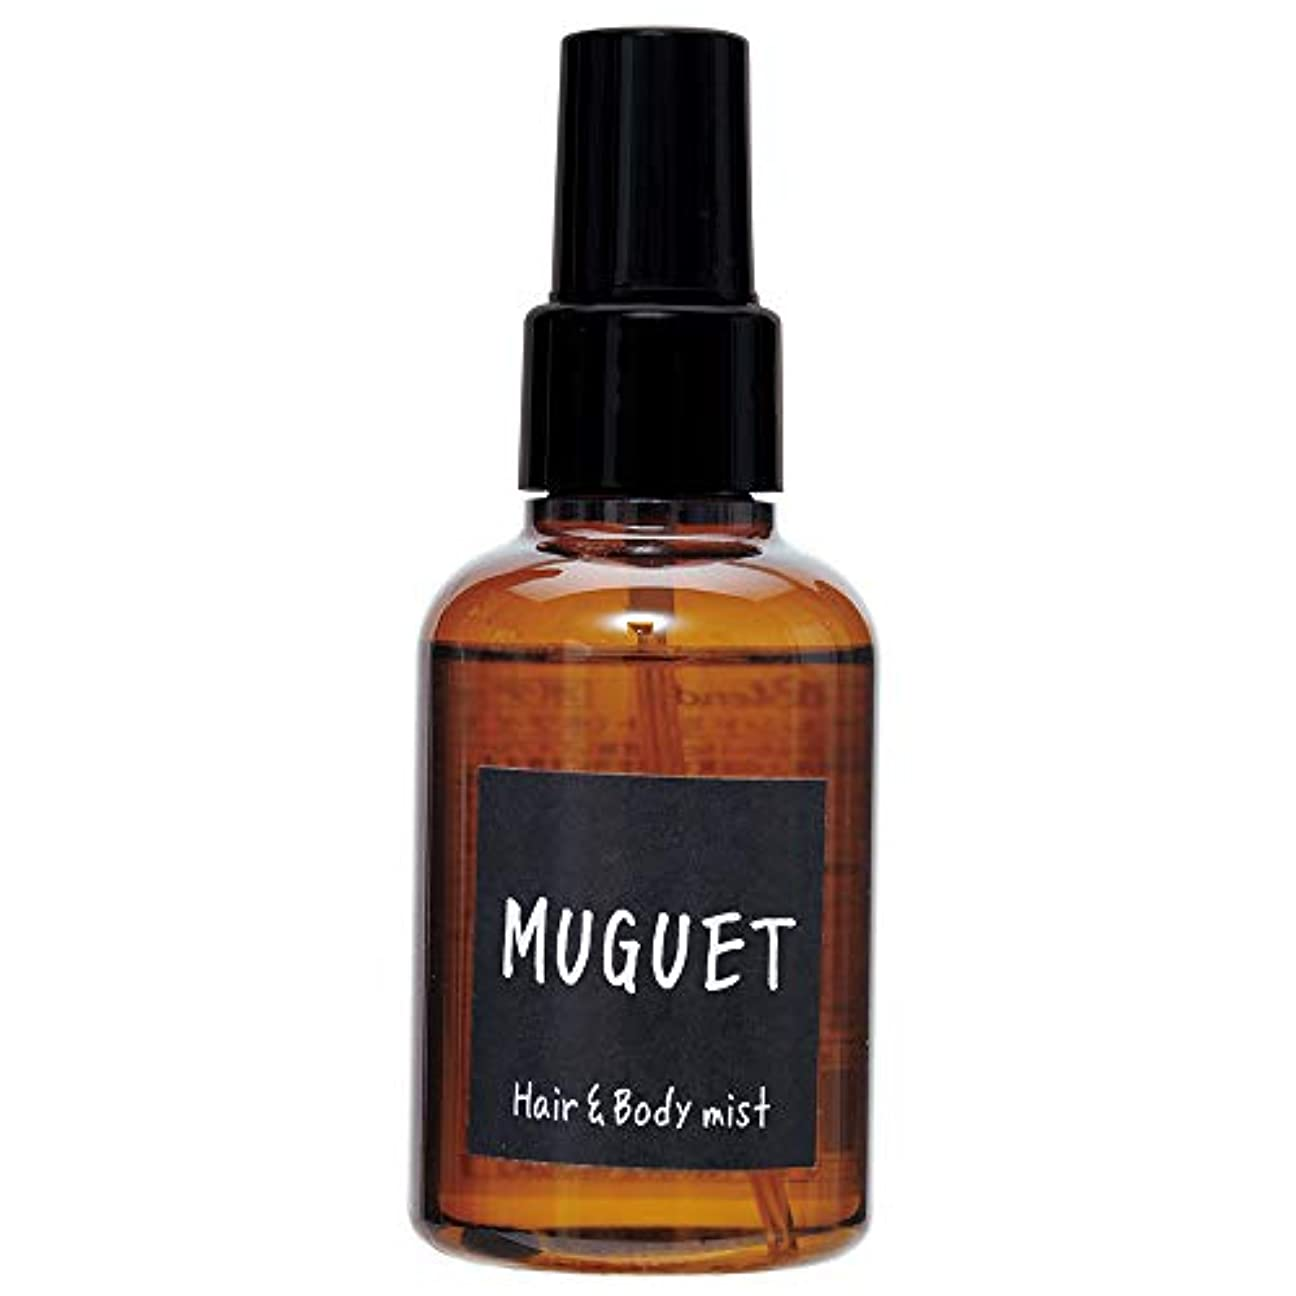 薄暗いモトリー言い換えるとノルコーポレーション John's Blend ヘアボディミスト OA-JON-11-8 ミュゲの香り 105ml